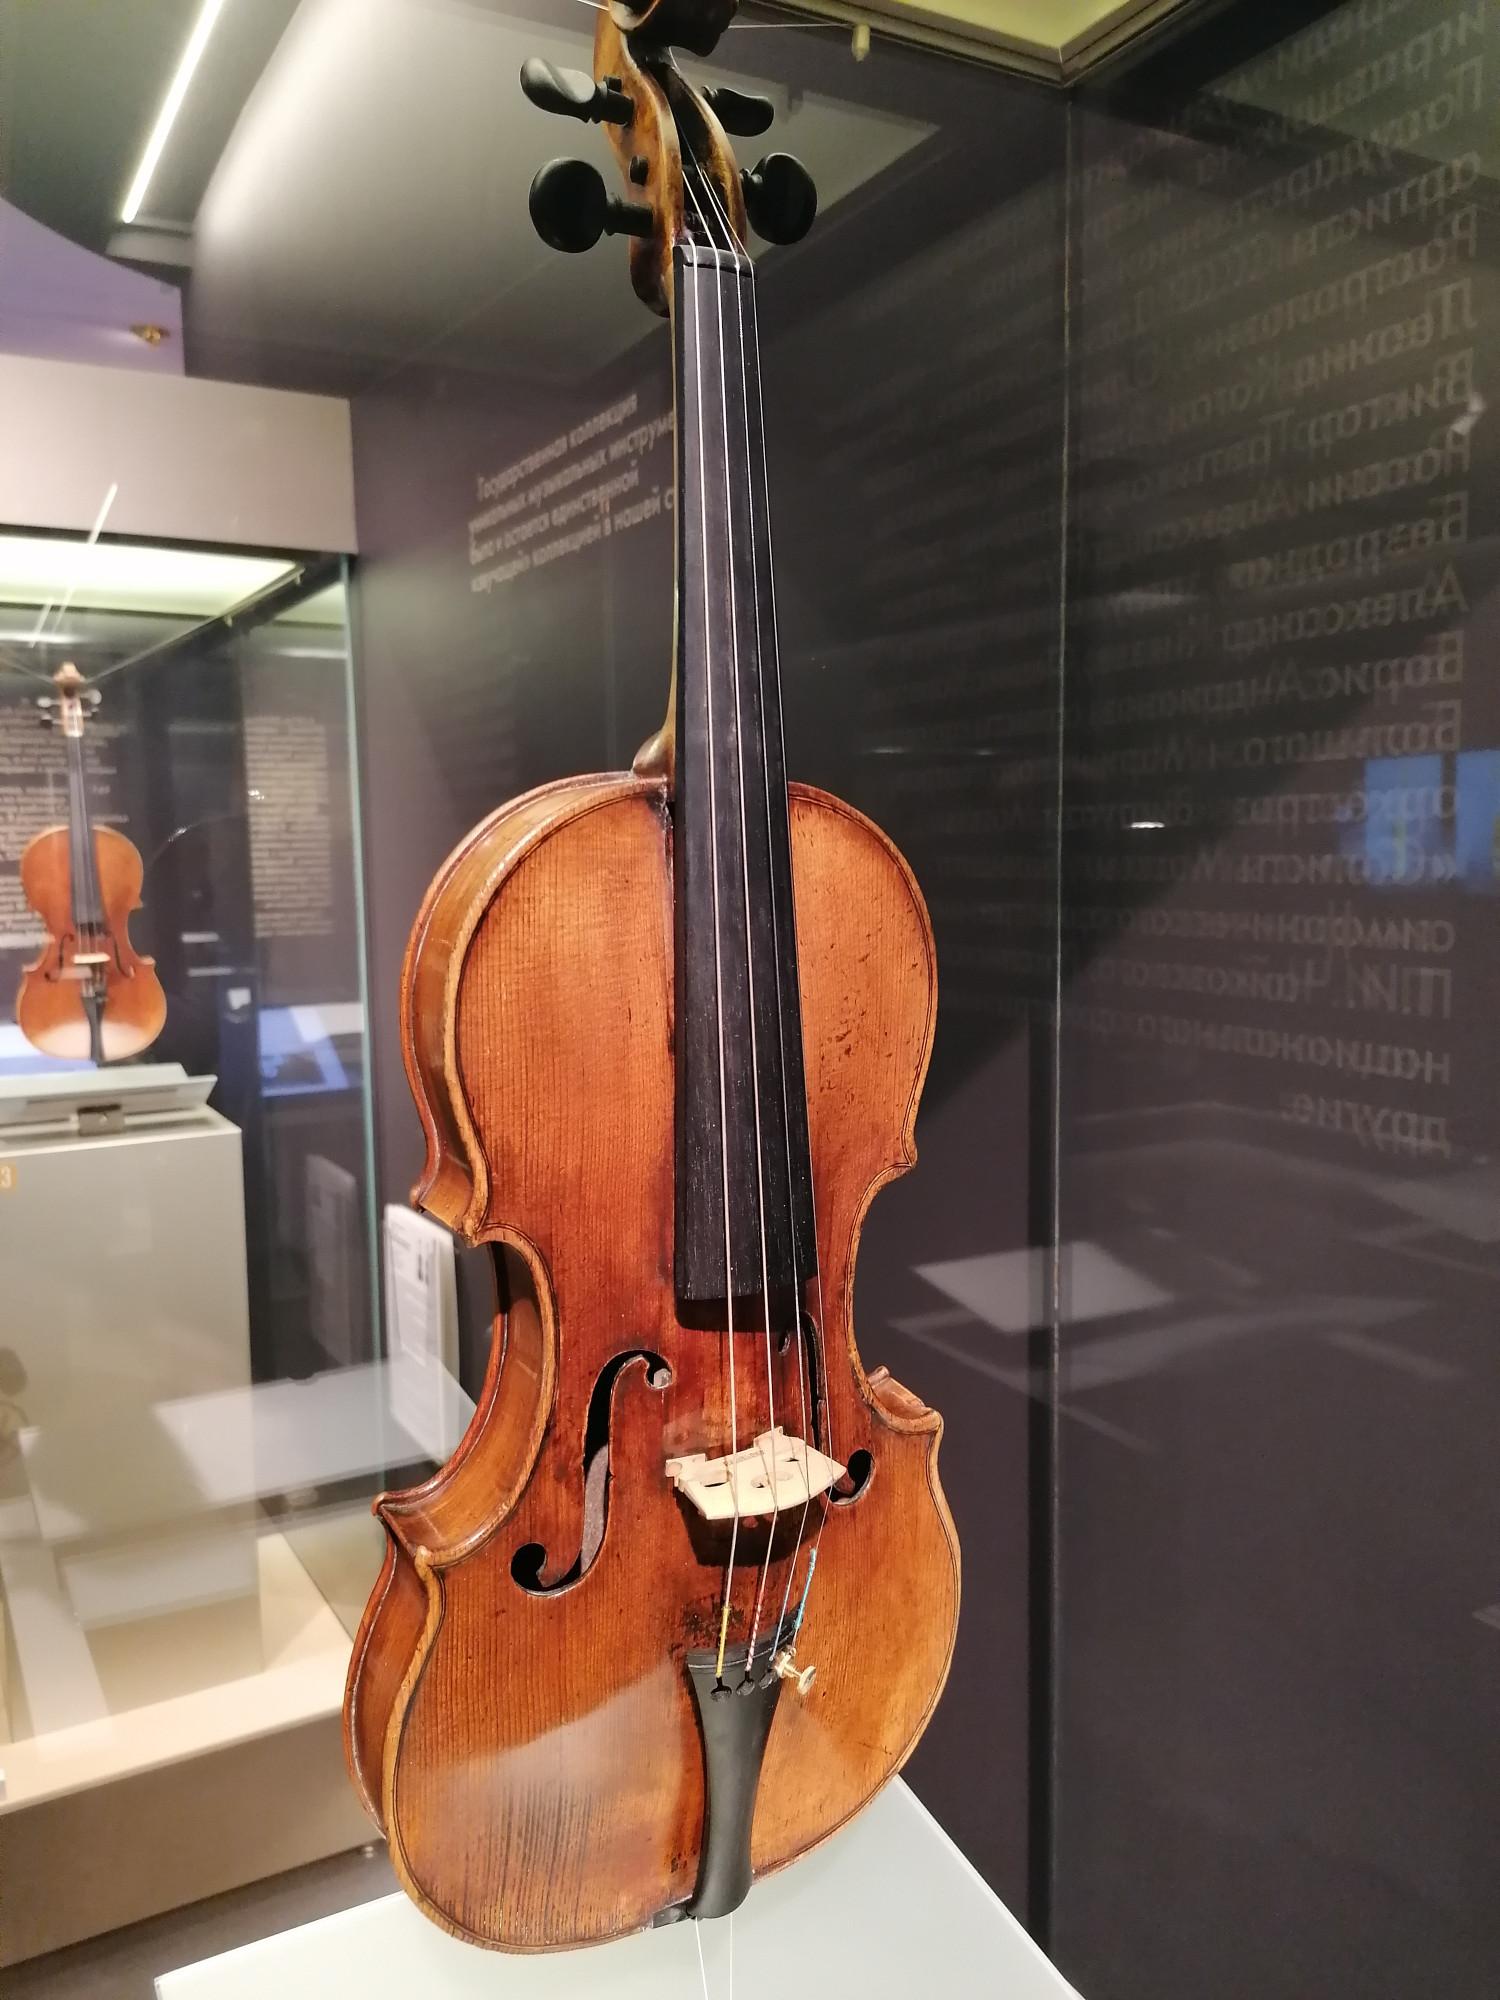 Скрипка Николо Амати из коллекции Российского национального музея музыки